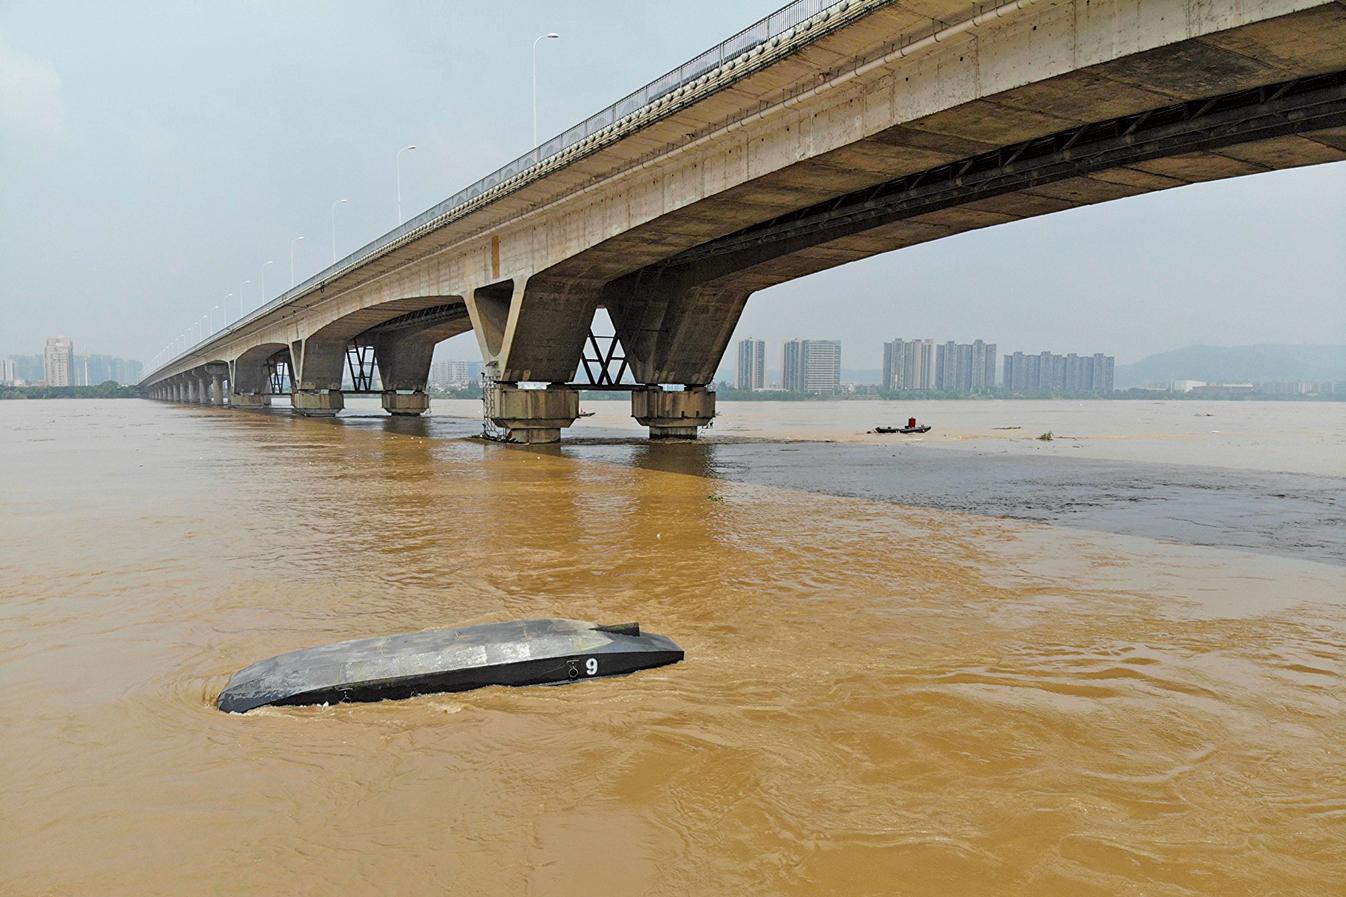 7月,湘江全線超警戒水位,長沙段逼近歷史最高值。(大紀元資料室)